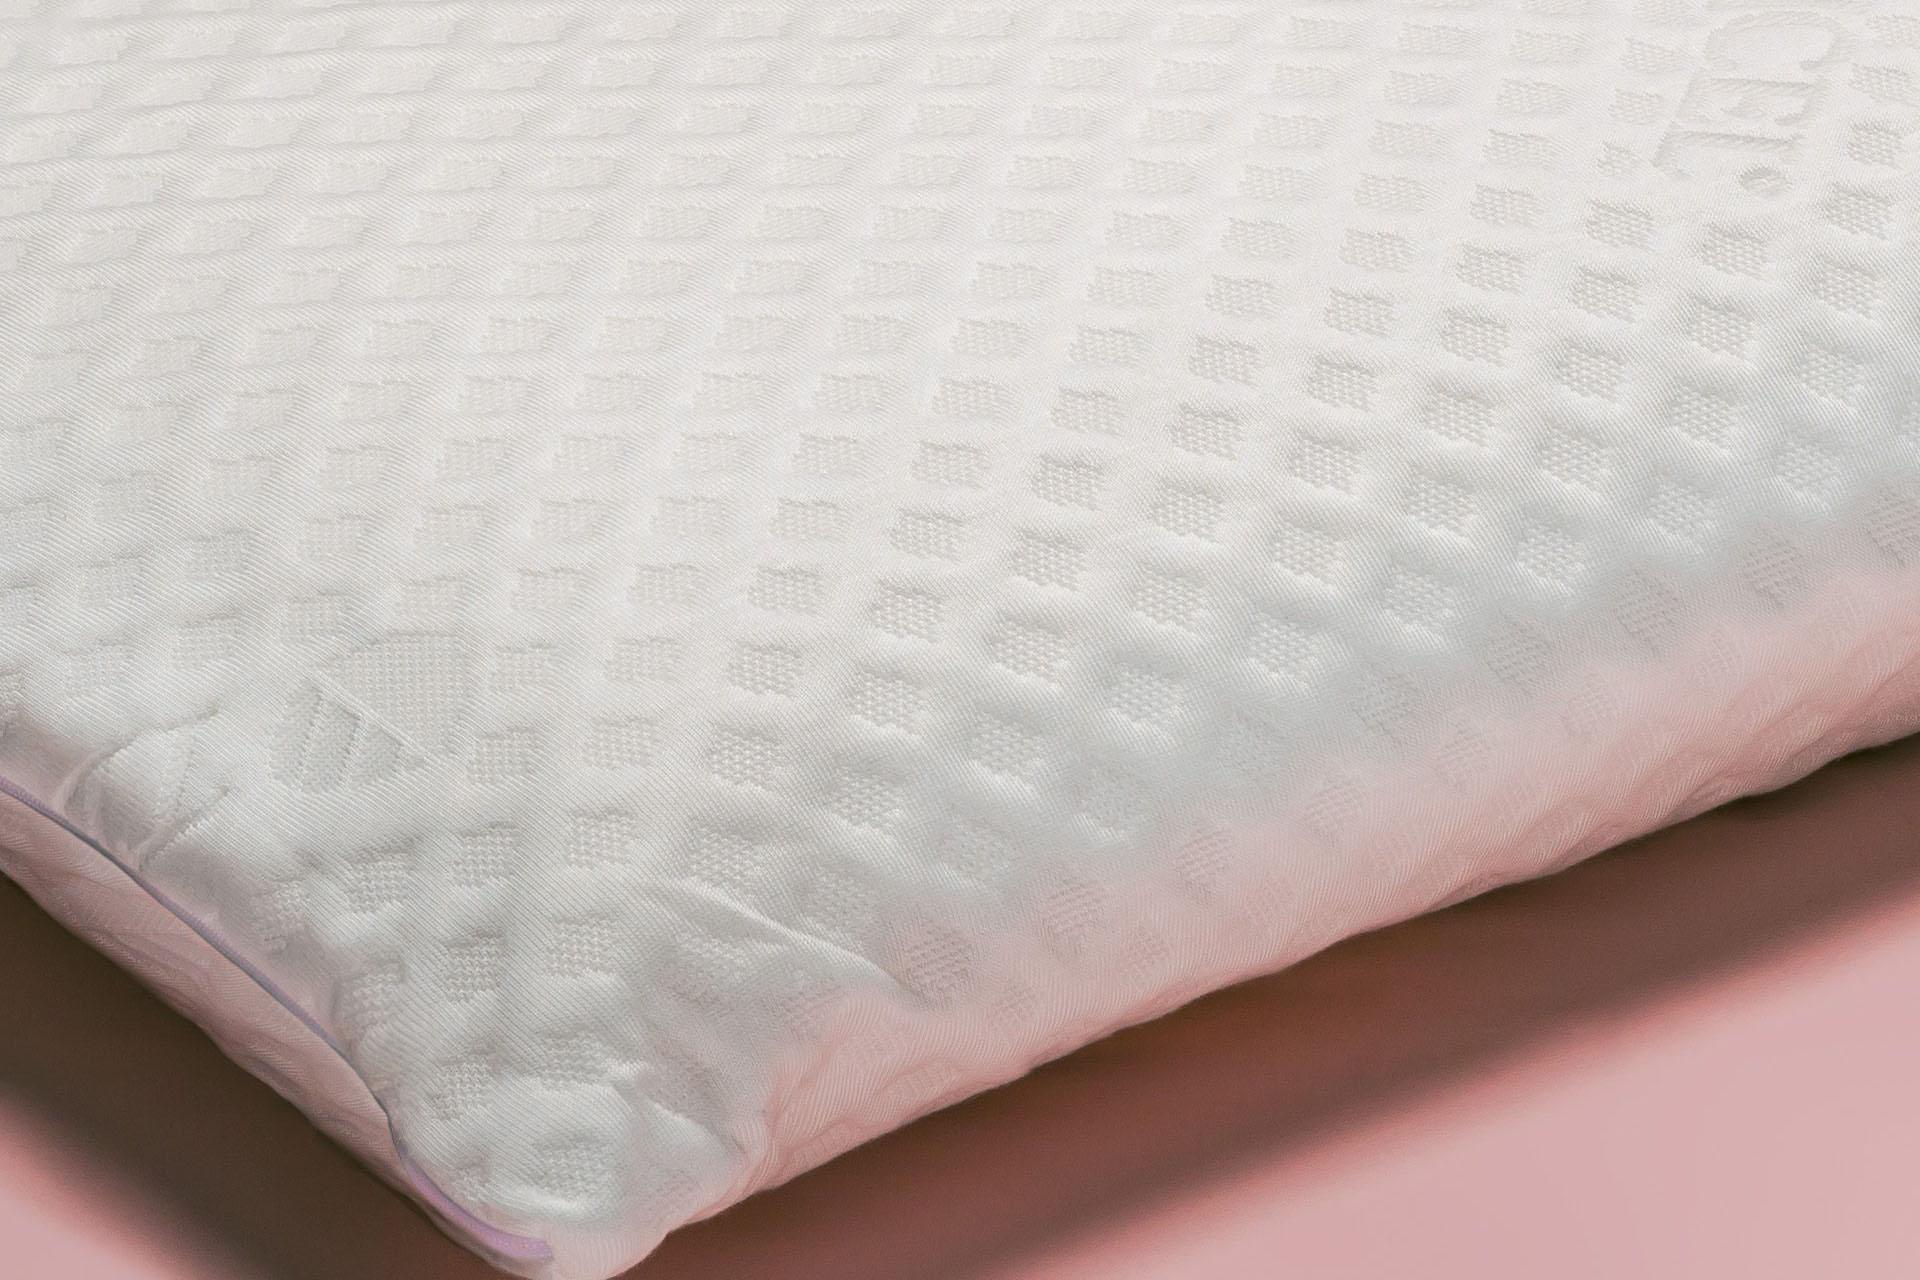 Dettaglio Cuscino in lattice naturale basso